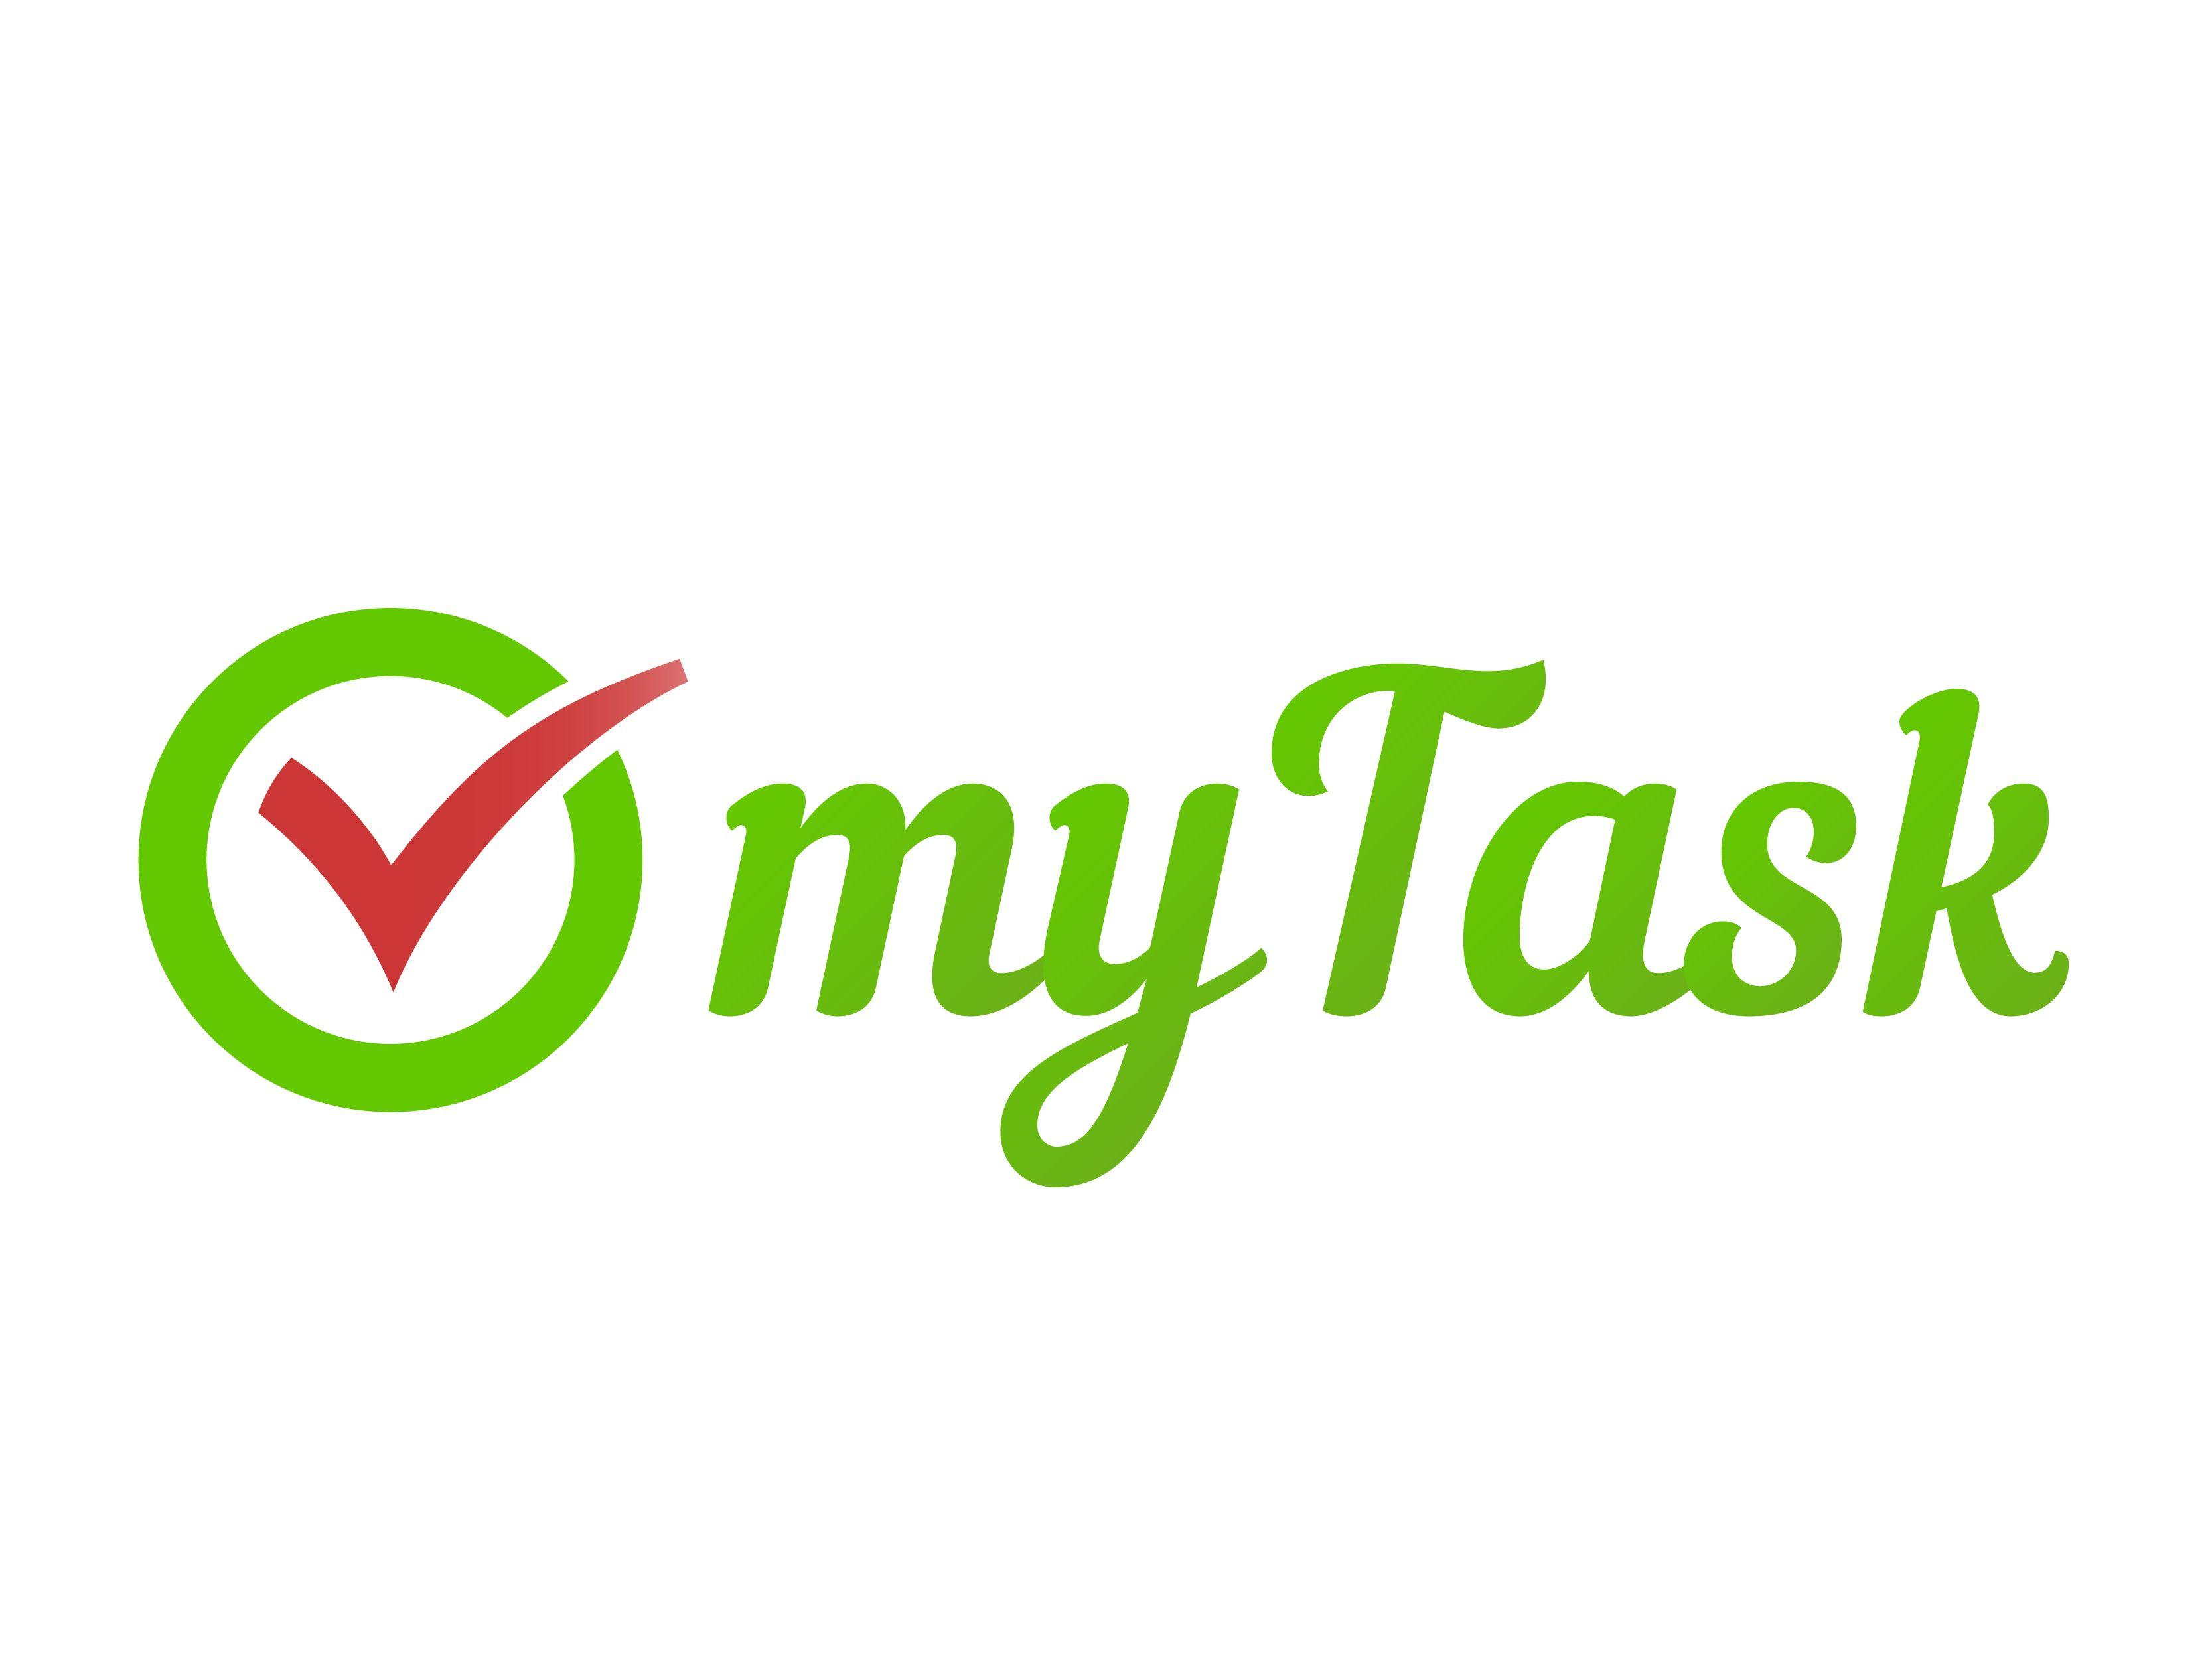 Доработка логотипа компании myTask - дизайнер bart9339